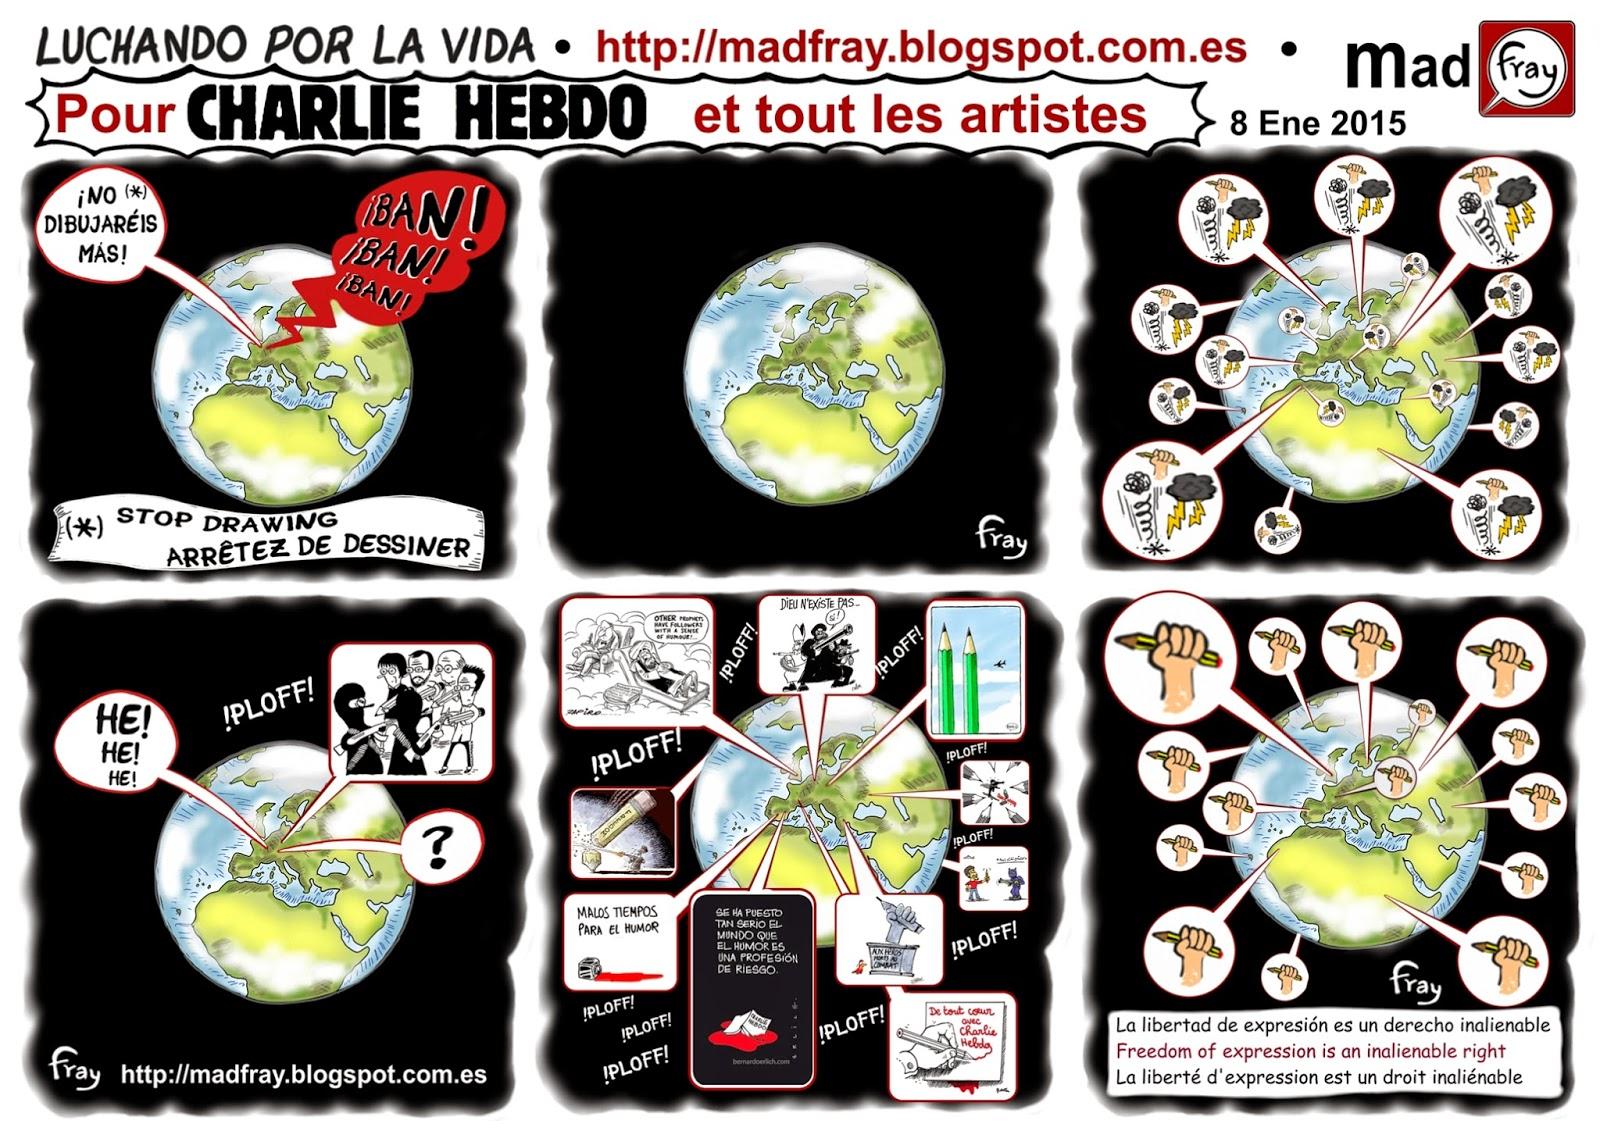 Viñeta de los dibujantes satíricos de todo el mundo responden al atentado contra la revista, Charlie Hebdo y la libertad de expresión en París, Mad Fray, viñeta irónica y reivindicativa. Por Charlie Hebdo y todos los dibujantes. Pour Charlie Hebdo et tout les artistes, By Charlie Hebdo and all artists. Mad Fray